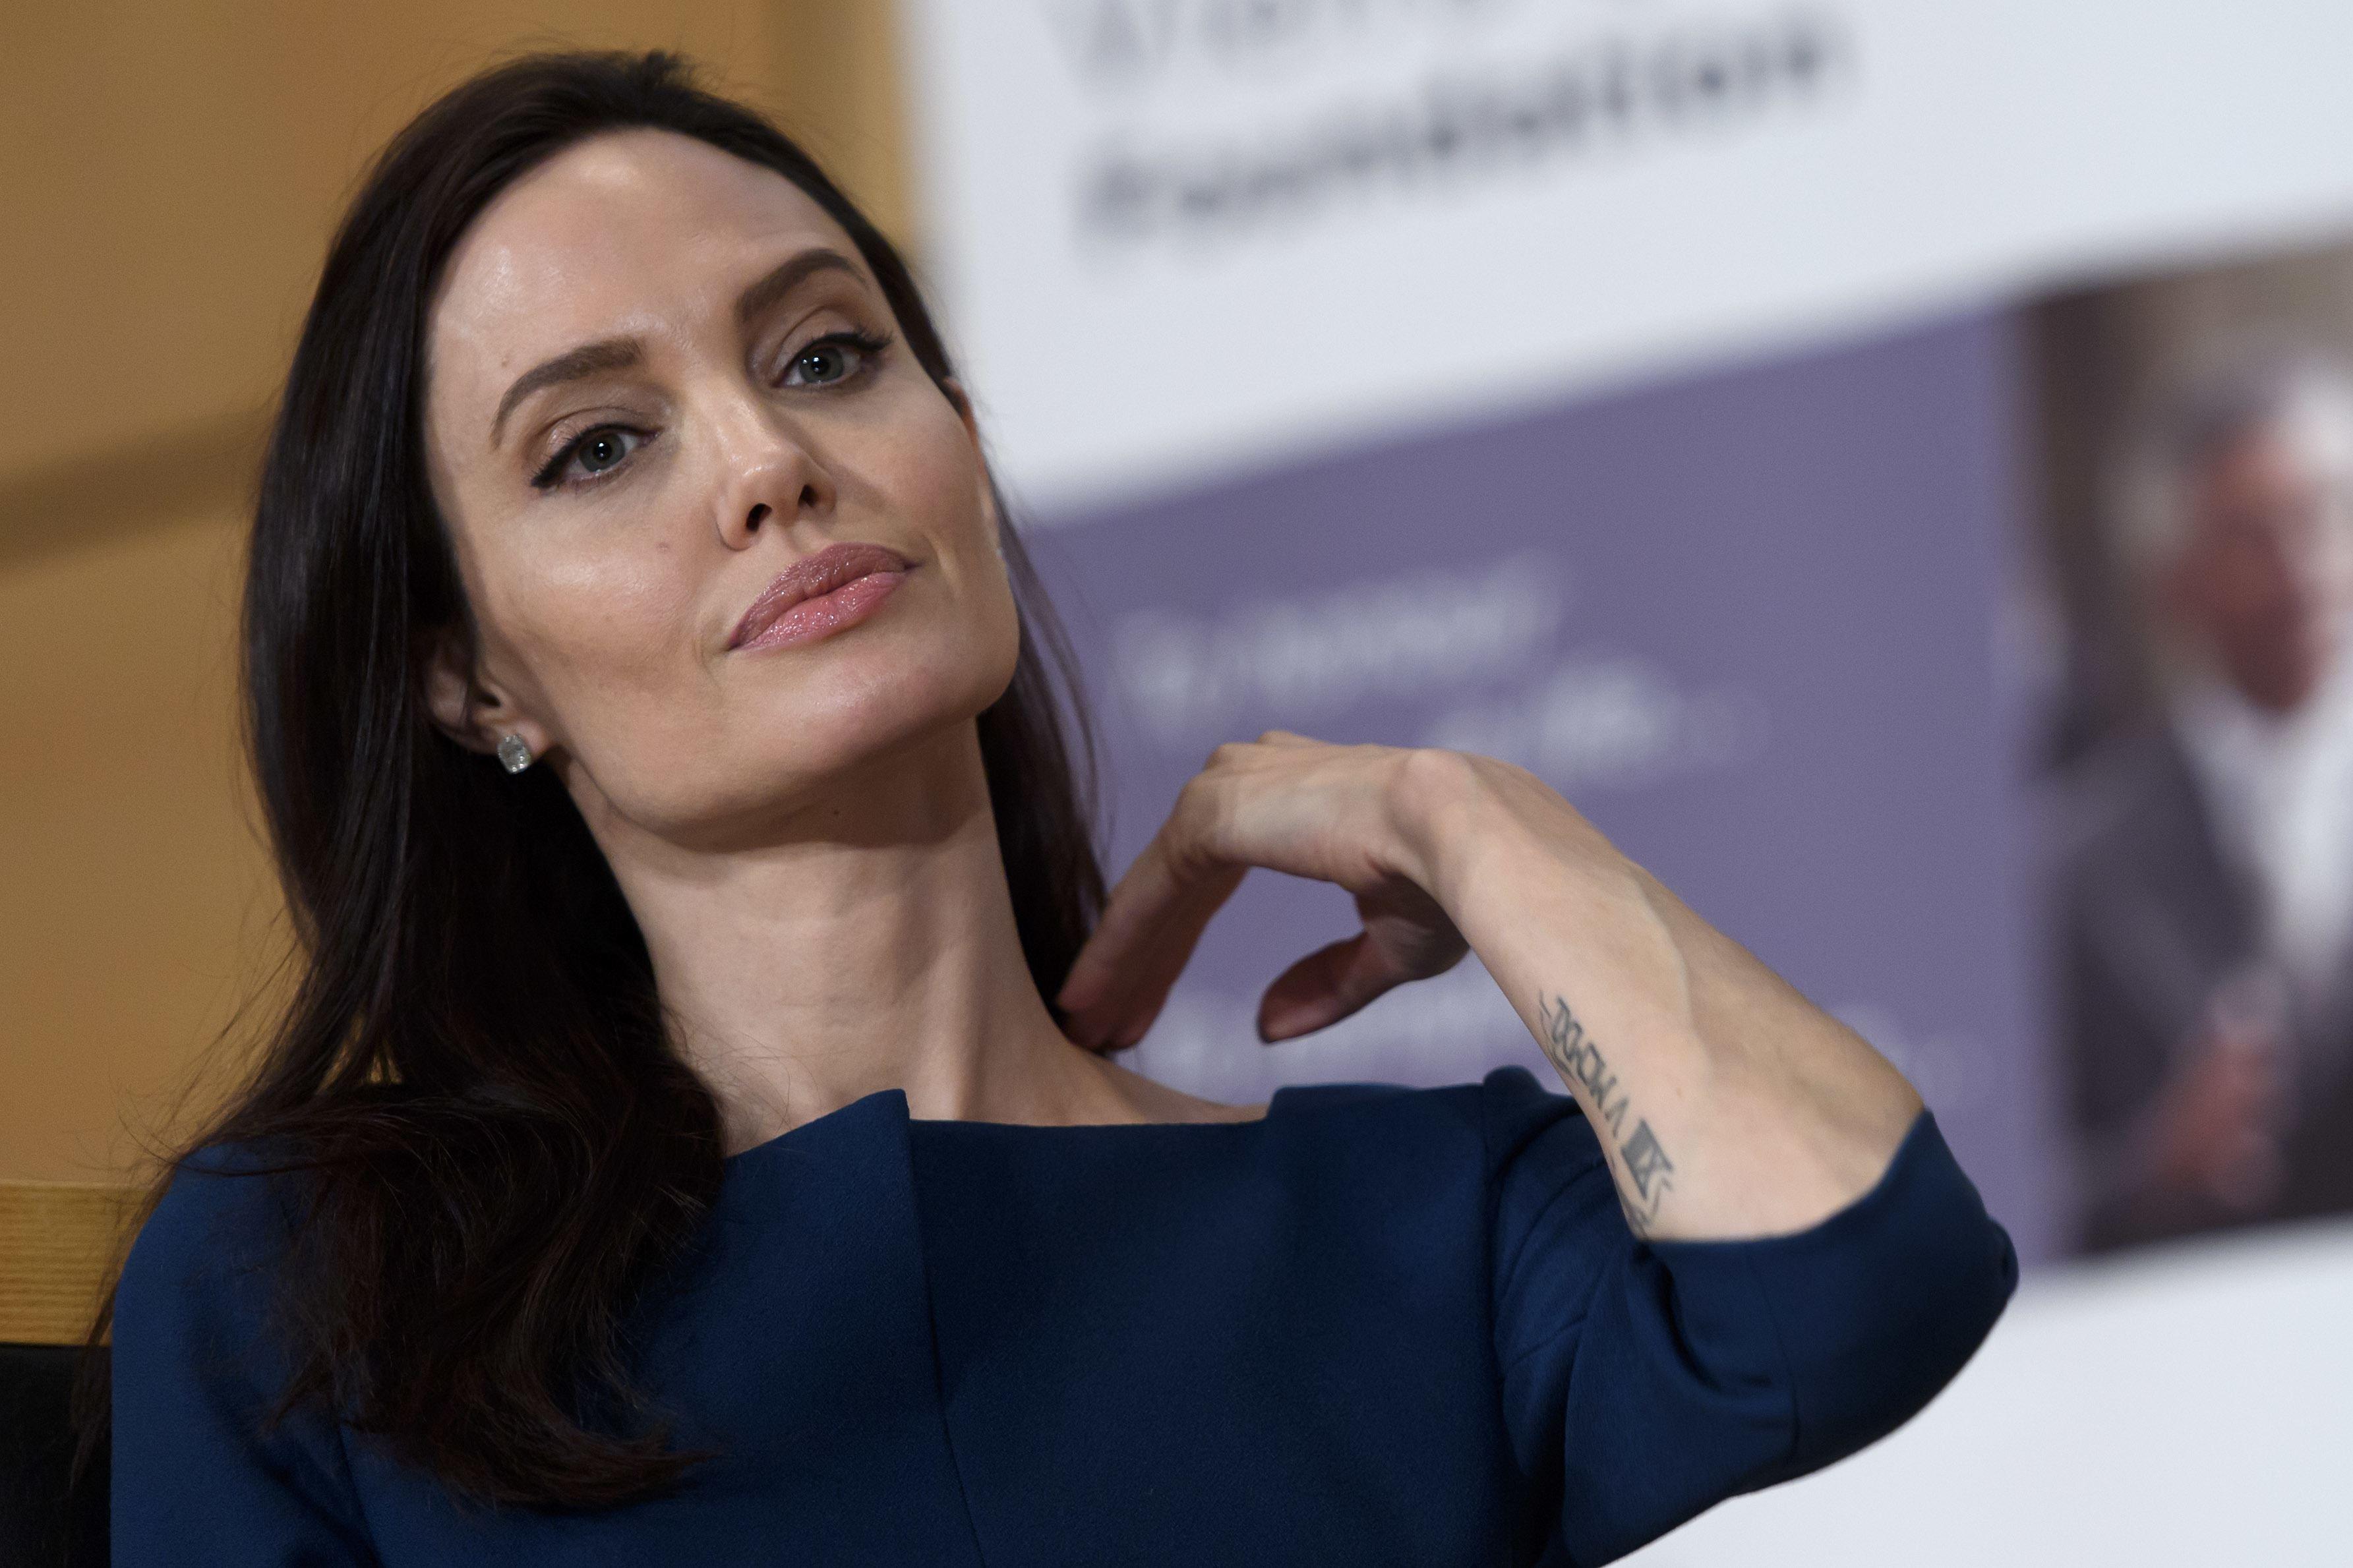 Jolie Makes Surprising Health Reveal in Vanity Fair